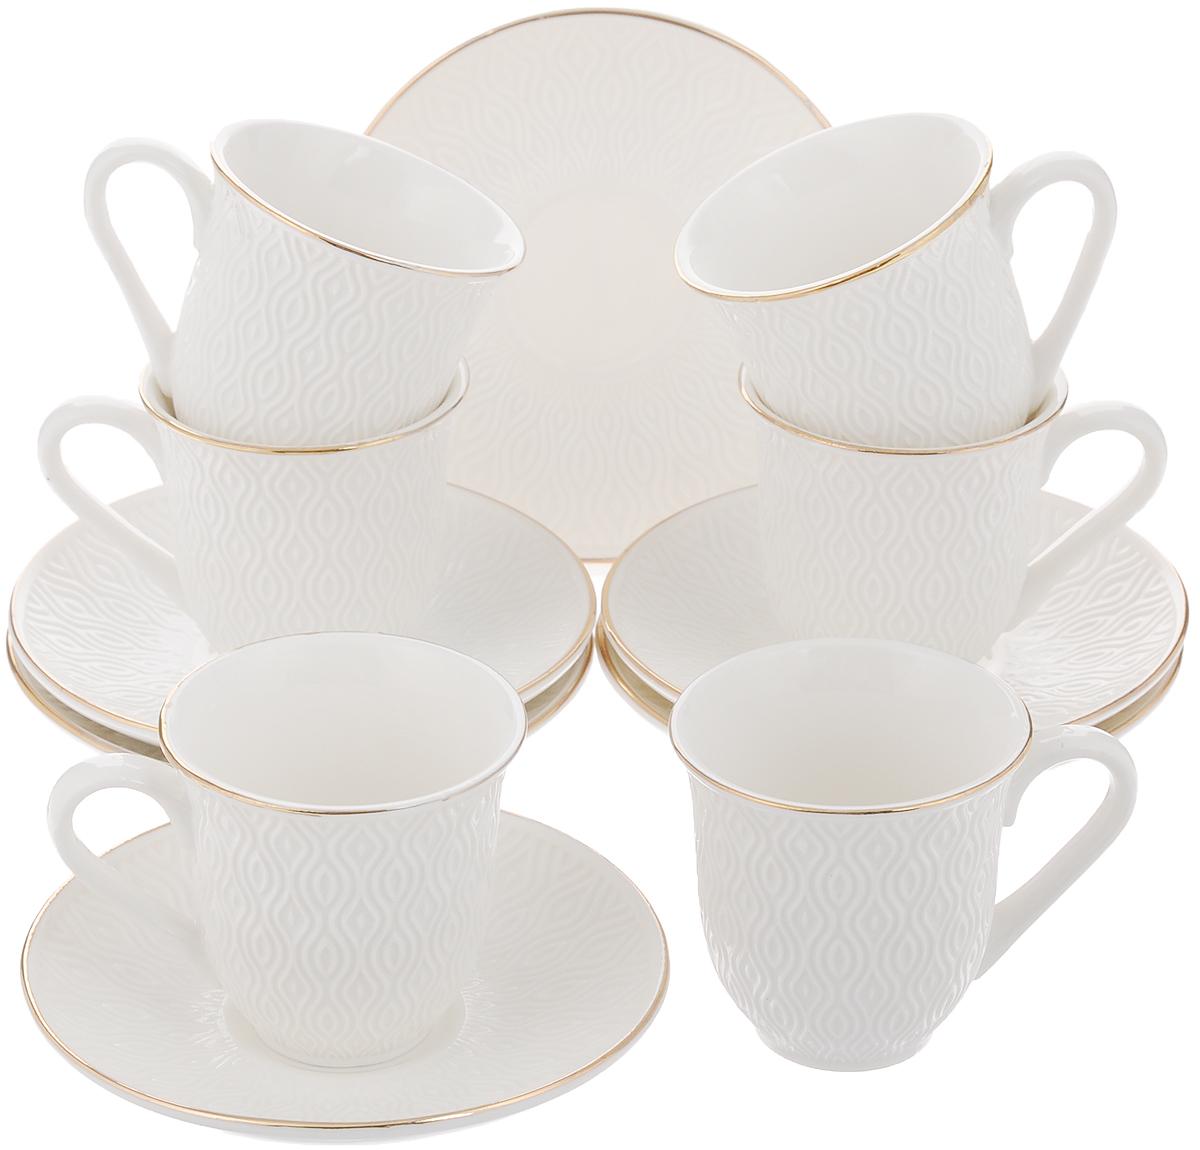 Набор кофейный Loraine, 12 предметов. 2577325773Кофейный набор Loraine состоит из 6 чашек и 6 блюдец. Изделия выполнены из высококачественного костяного фарфора и оформлены золотистой каймой. Такой набор станет прекрасным украшением стола и порадует гостей изысканным дизайном и утонченностью. Набор упакован в подарочную коробку, задрапированную внутри белой атласной тканью. Объем чашки: 90 мл. Диаметр чашки (по верхнему краю): 6,5 см. Высота чашки: 6,5 см. Диаметр блюдца (по верхнему краю): 11,5 см. Высота блюдца: 2 см.